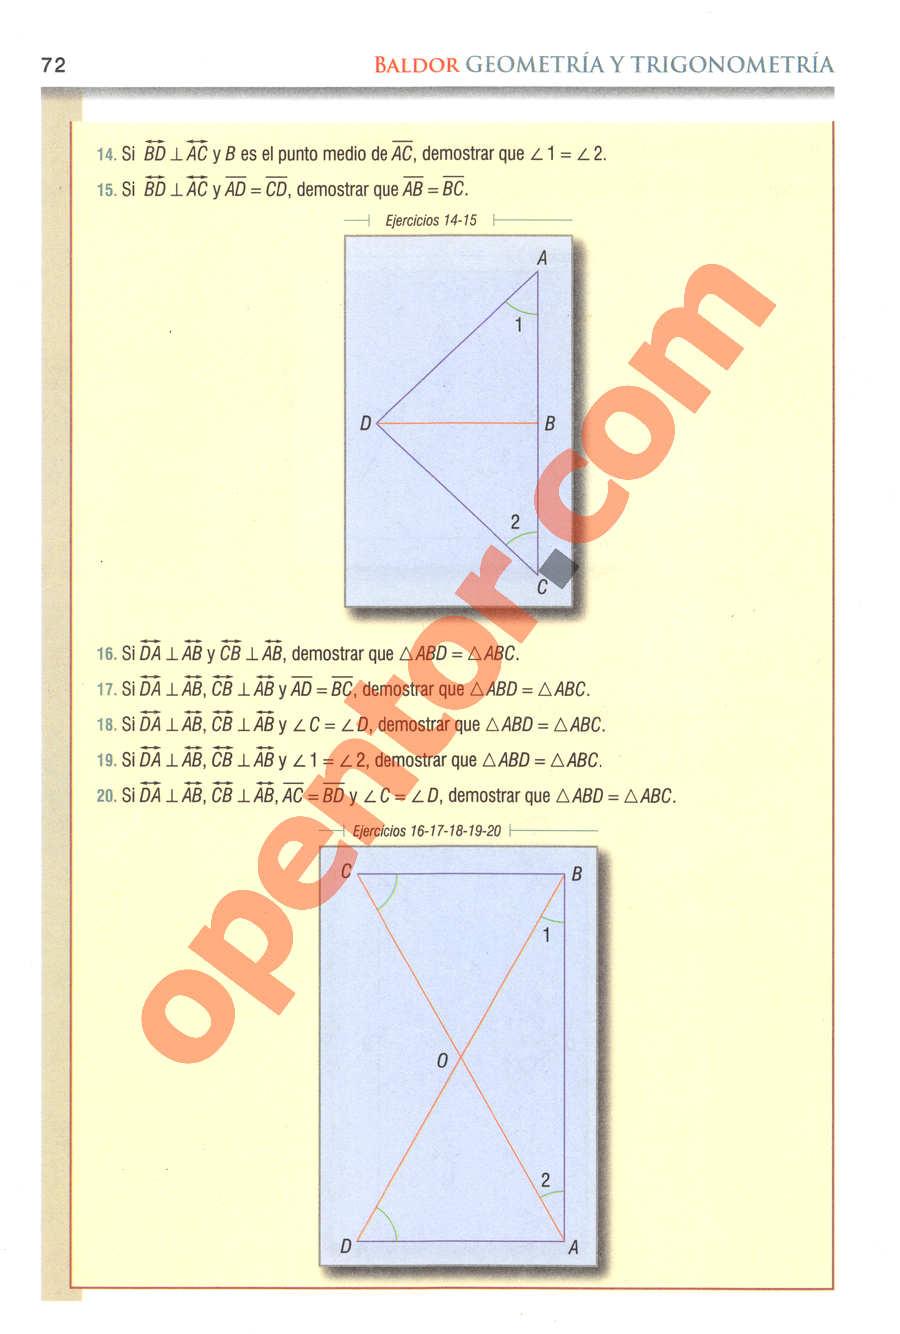 Geometría y Trigonometría de Baldor - Página 72